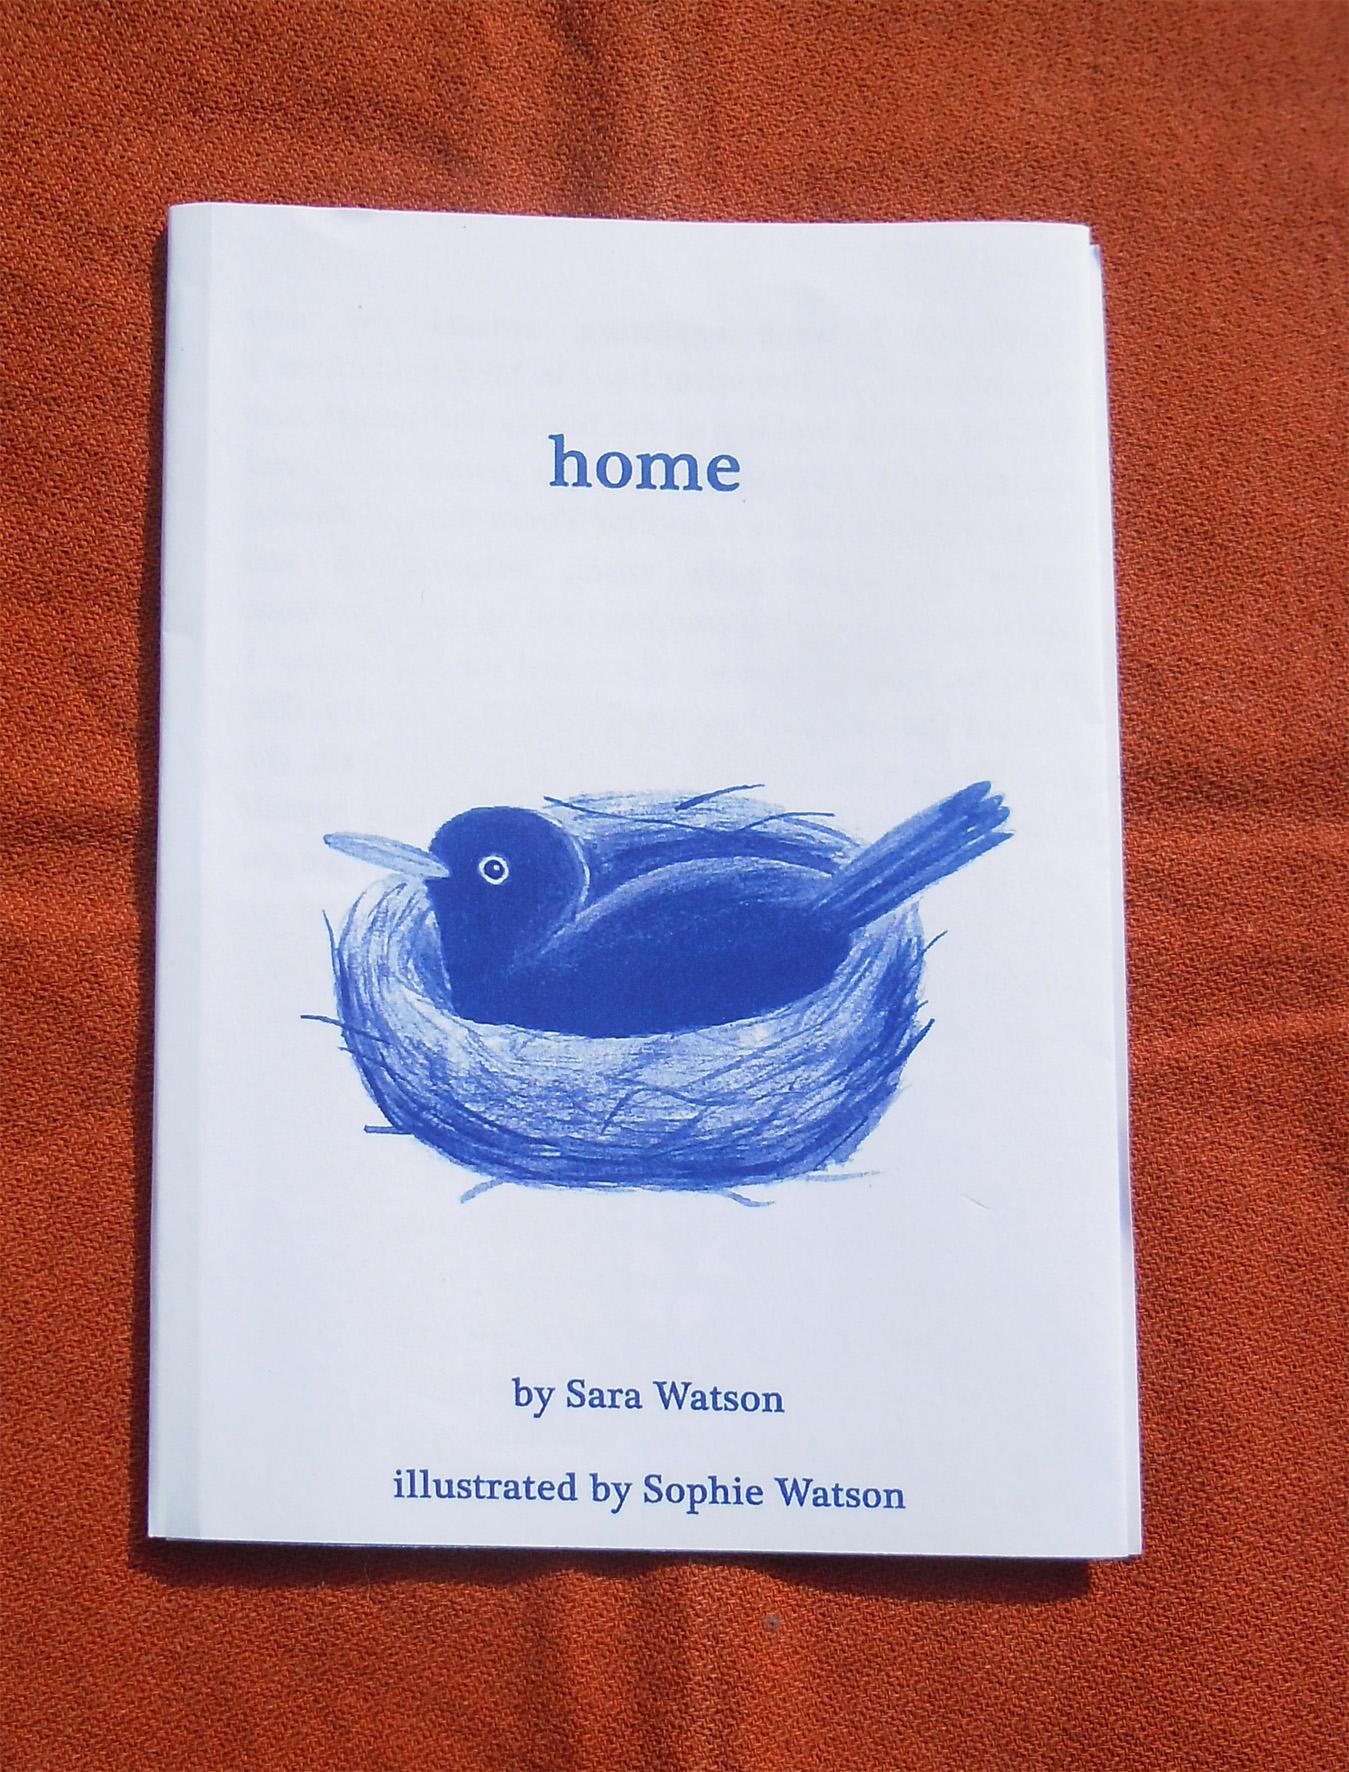 home-foto1.jpg